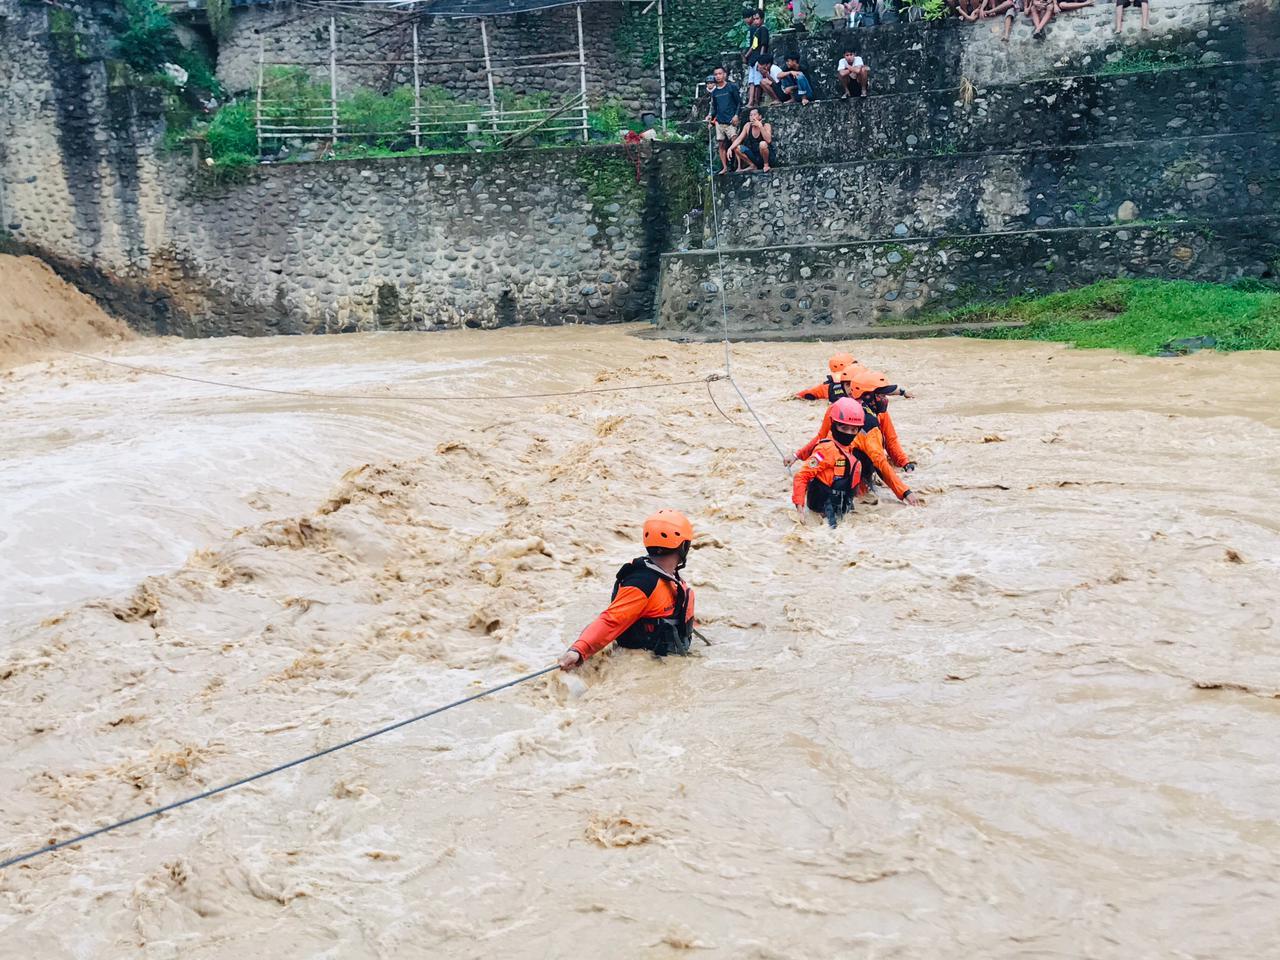 Saat Berenang, Dua Anak Terseret Arus di Sungai Latuppa Palopo